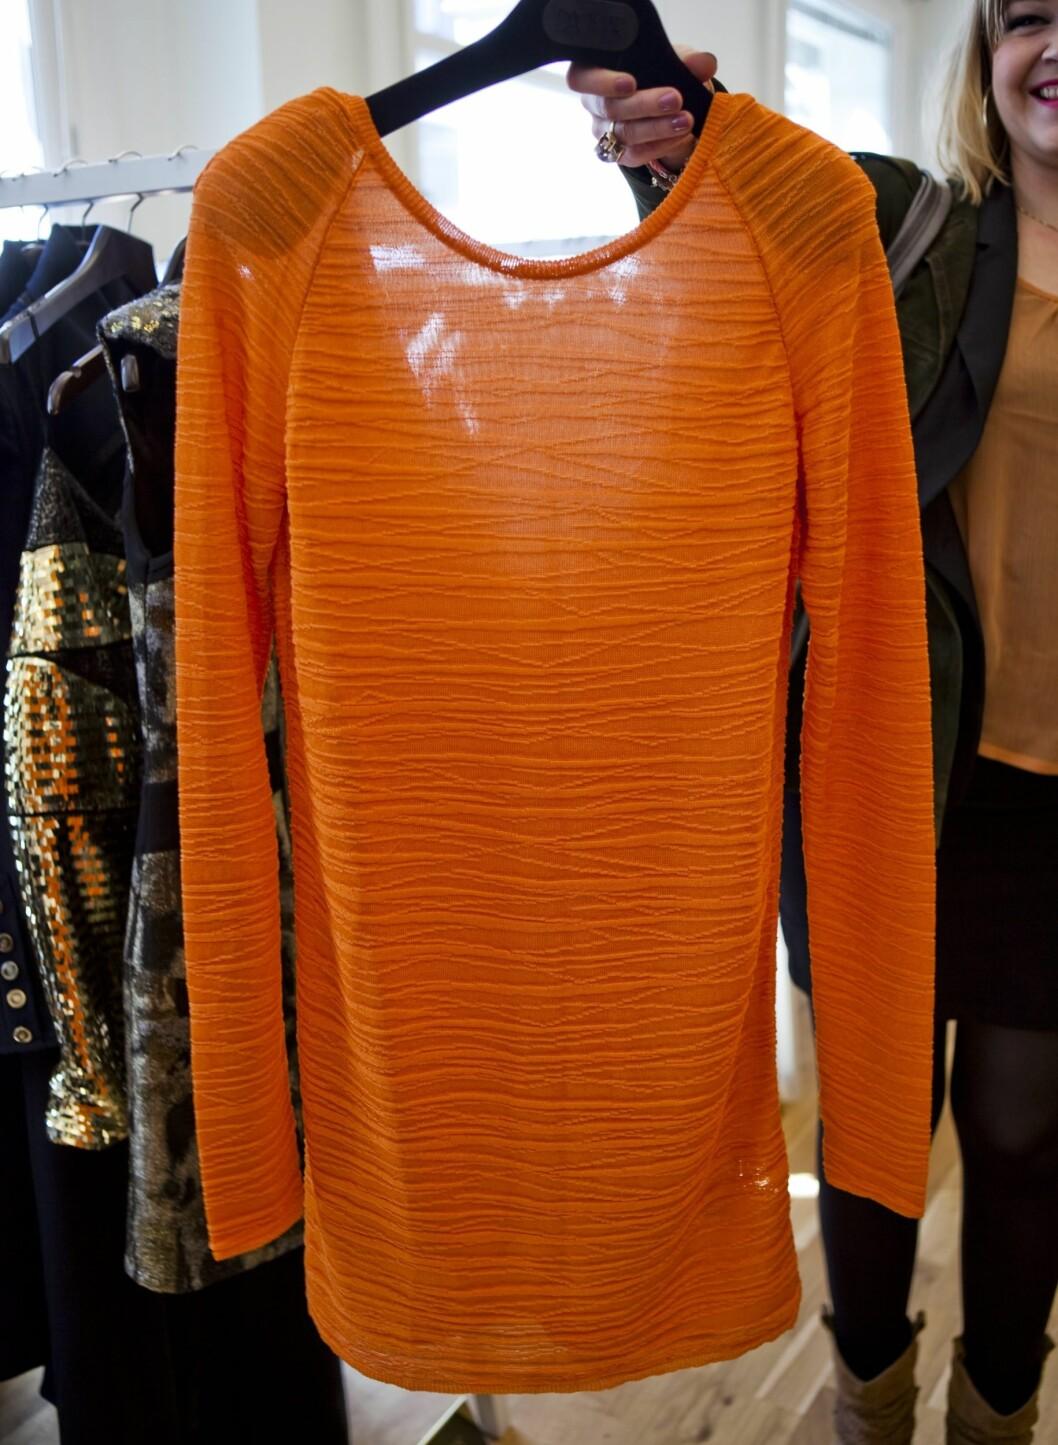 –Oransje er en skikkelig gladfarge, og selv om dette egentlig er en genser, kan den fint brukes som kjole. Dette ultrakorte 60-tallssnittet blir nemlig superhot i høst. Jeg elsker teksturen i materialet.   Genser fra Dagmar. Foto: Per Ervland